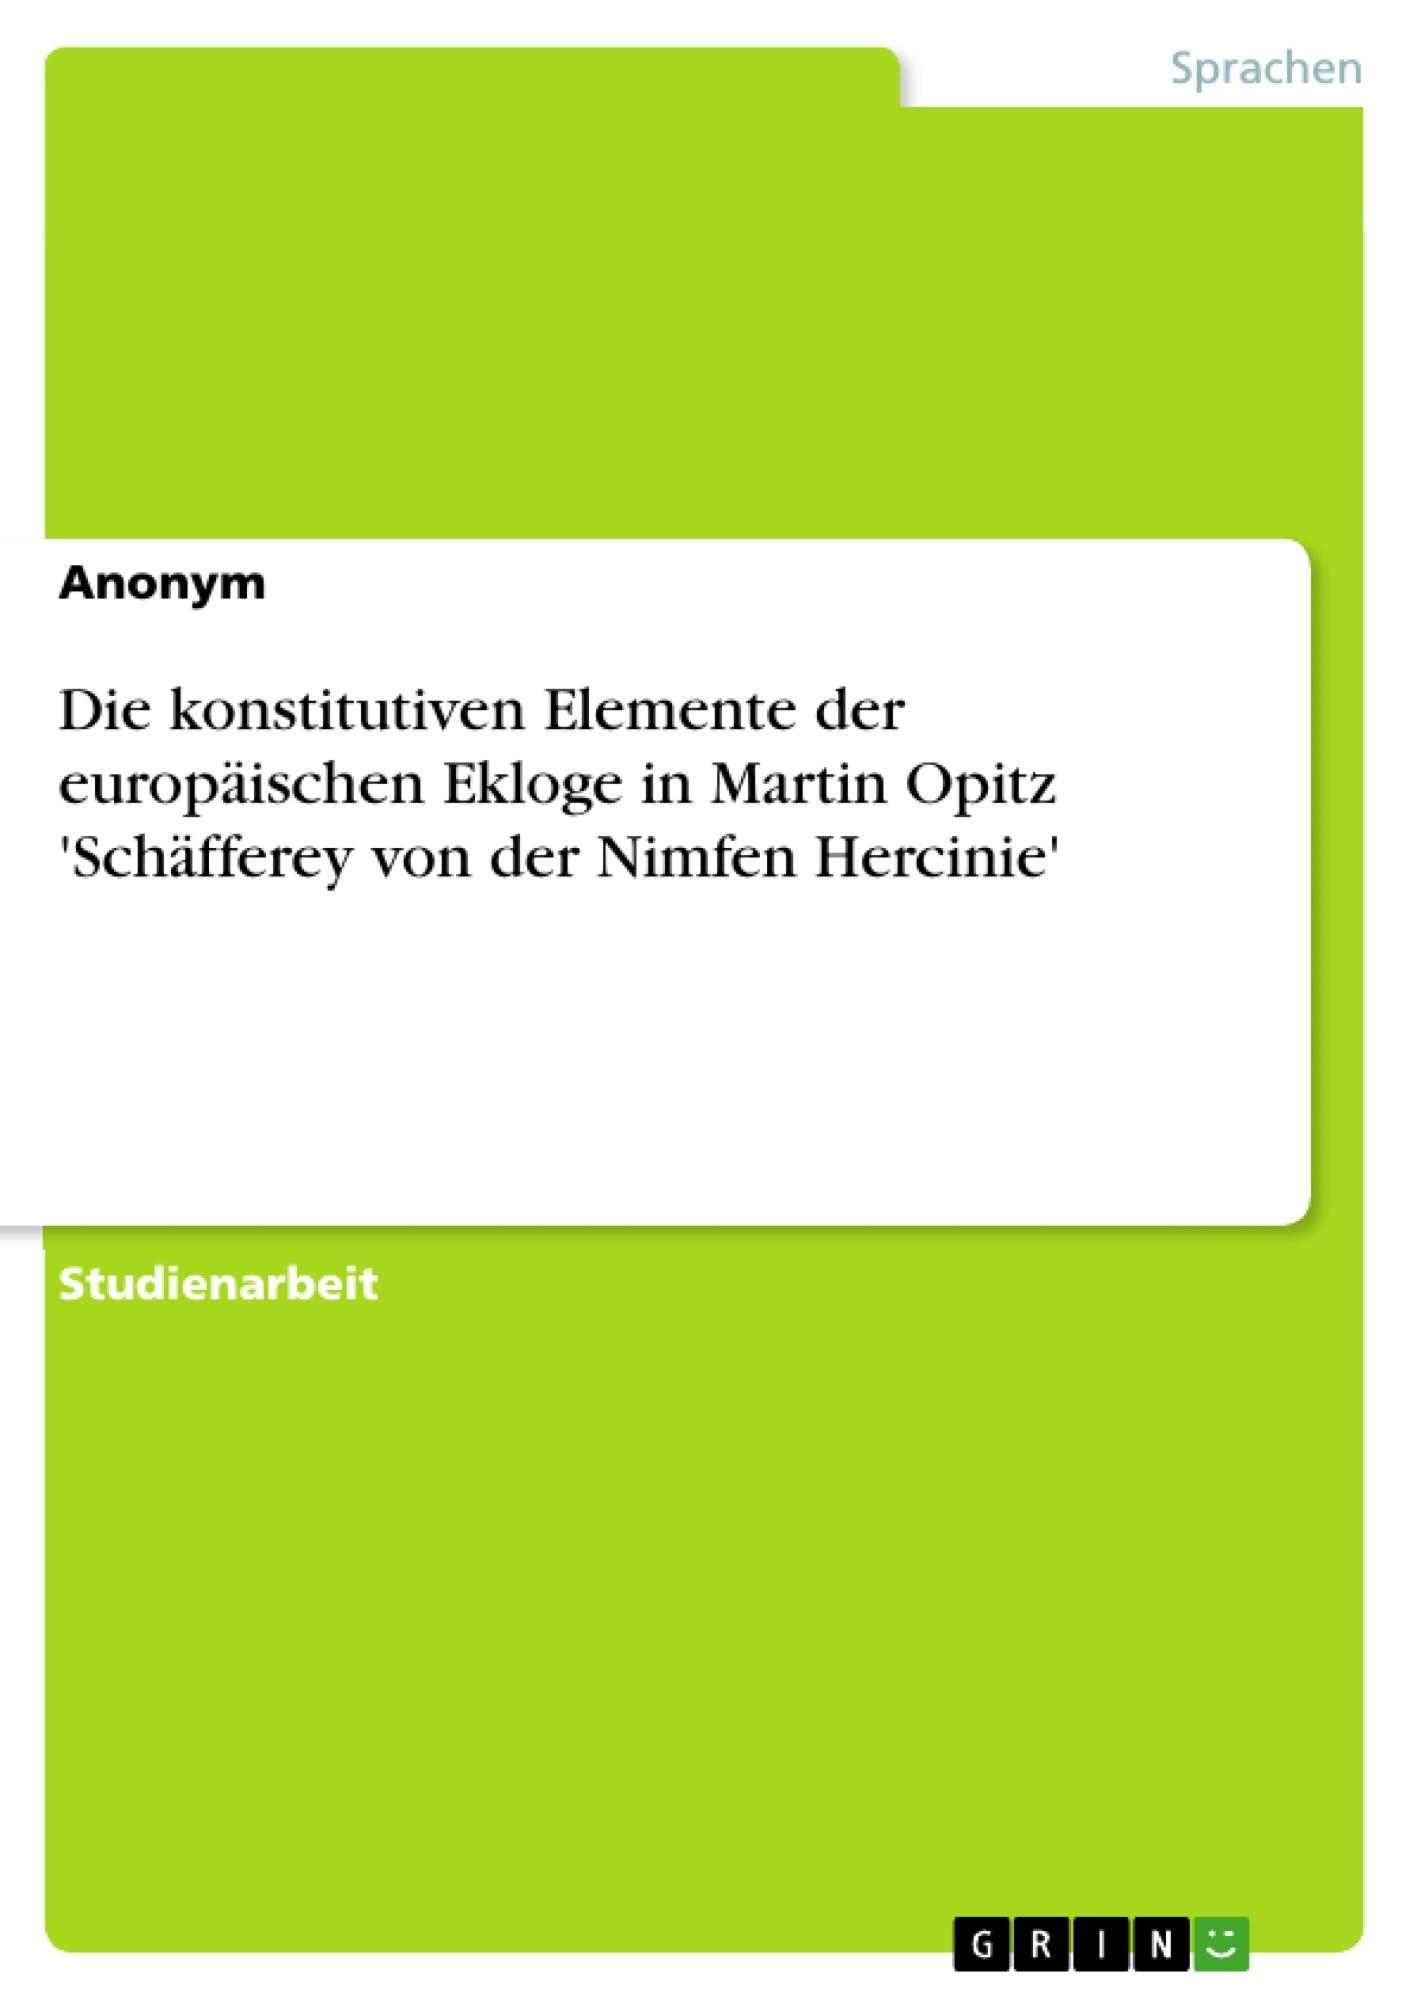 Titel: Die konstitutiven Elemente der europäischen Ekloge in Martin Opitz 'Schäfferey von der Nimfen Hercinie'